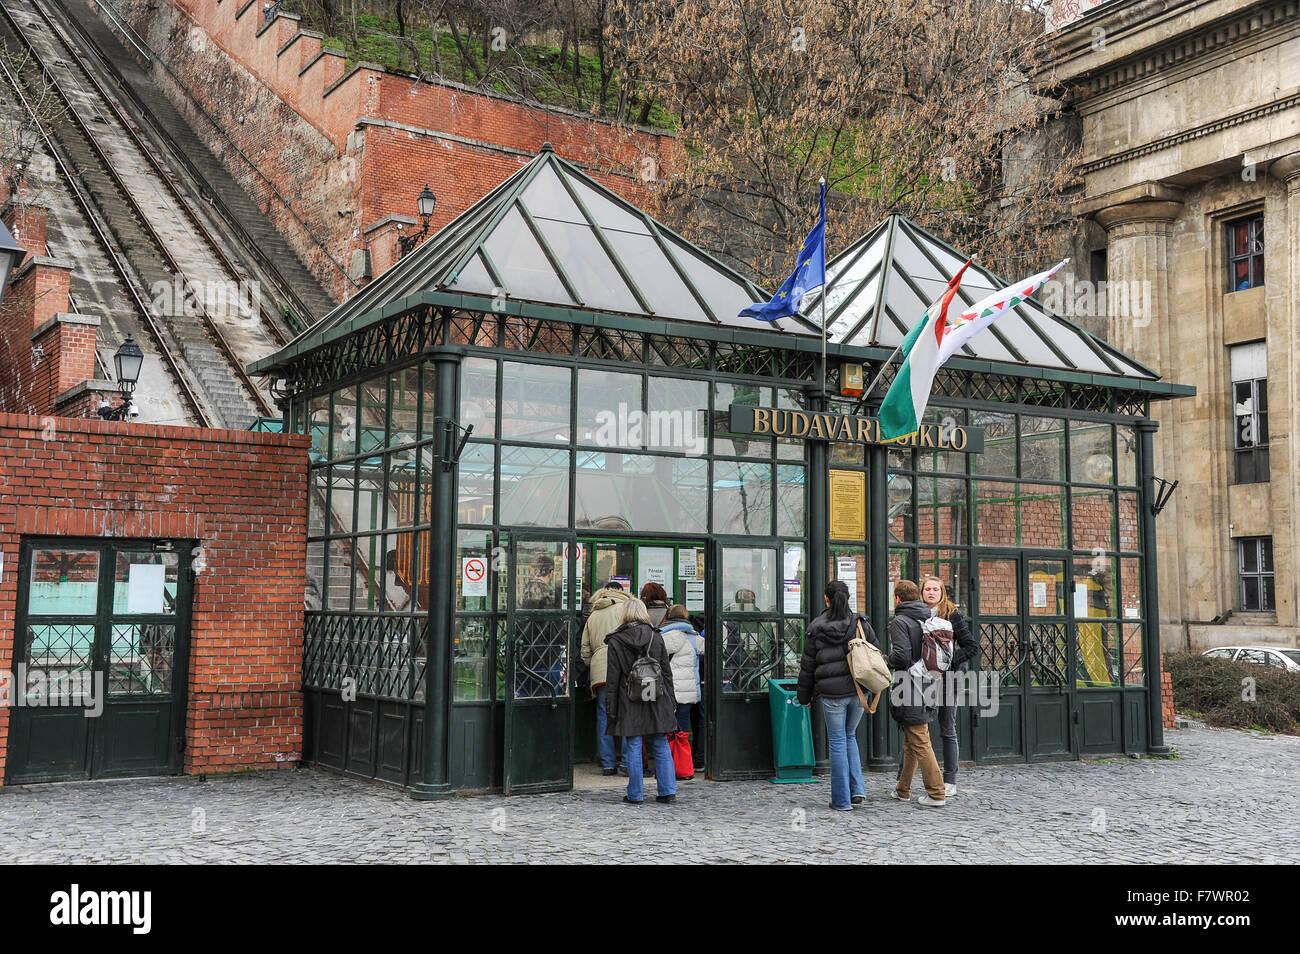 Ticket Booth in Budavari Palota, Budapest, Hungary Stock Photo